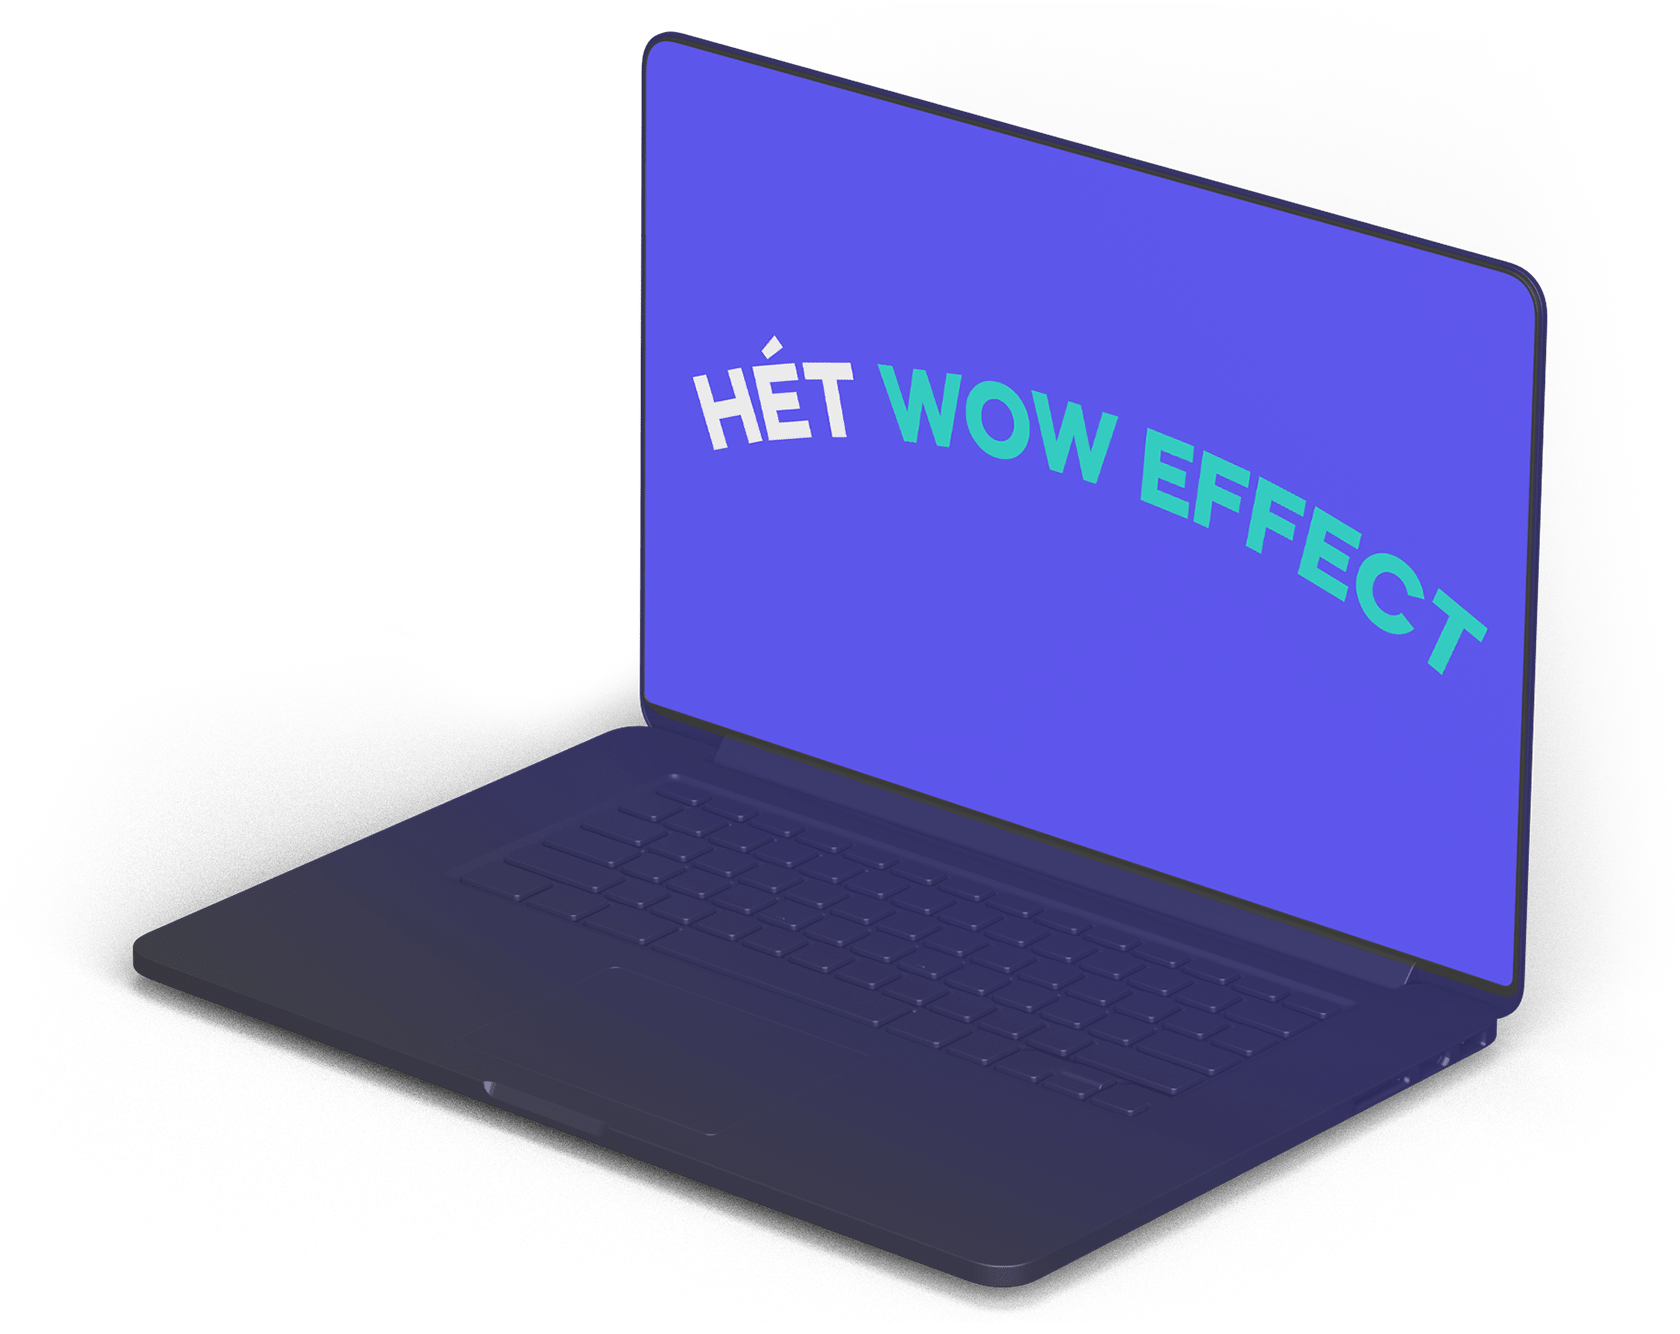 Laptop met hét wow-effect